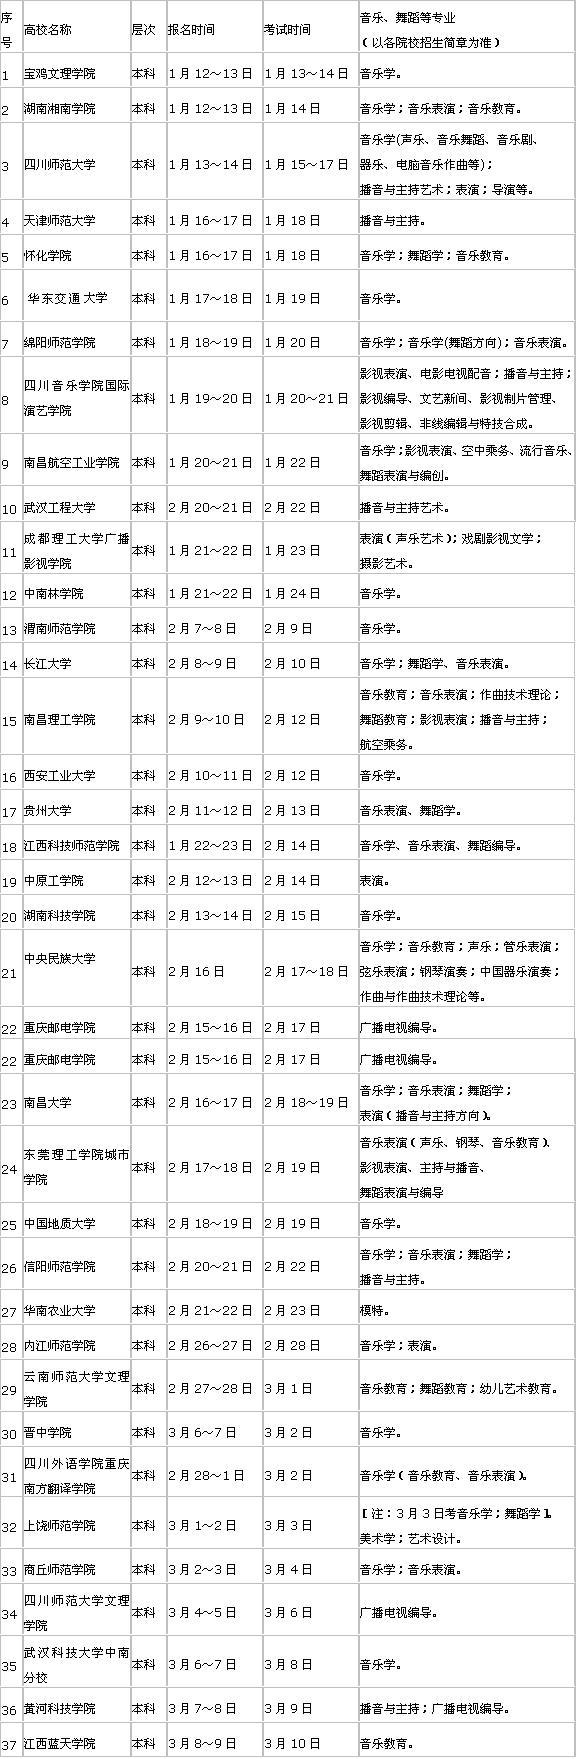 其它>南宁市第五试题音乐2006年区外高校语文,训练等专业招生考试阅读初中考点表演中学图片